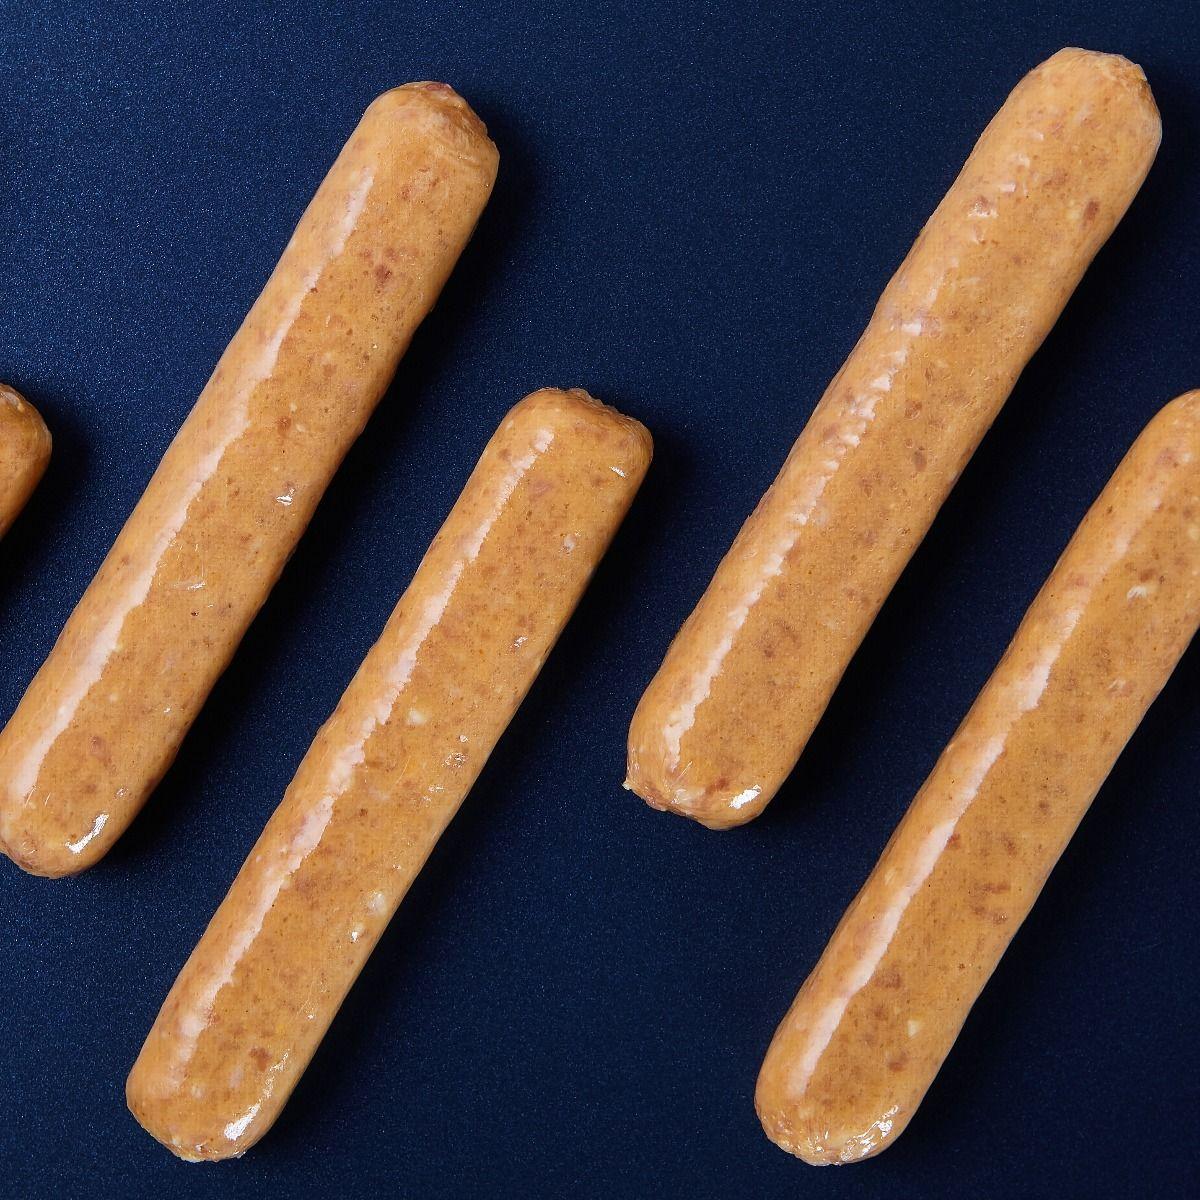 Saucisses à déjeuner au dindon, conservées (16/lb)